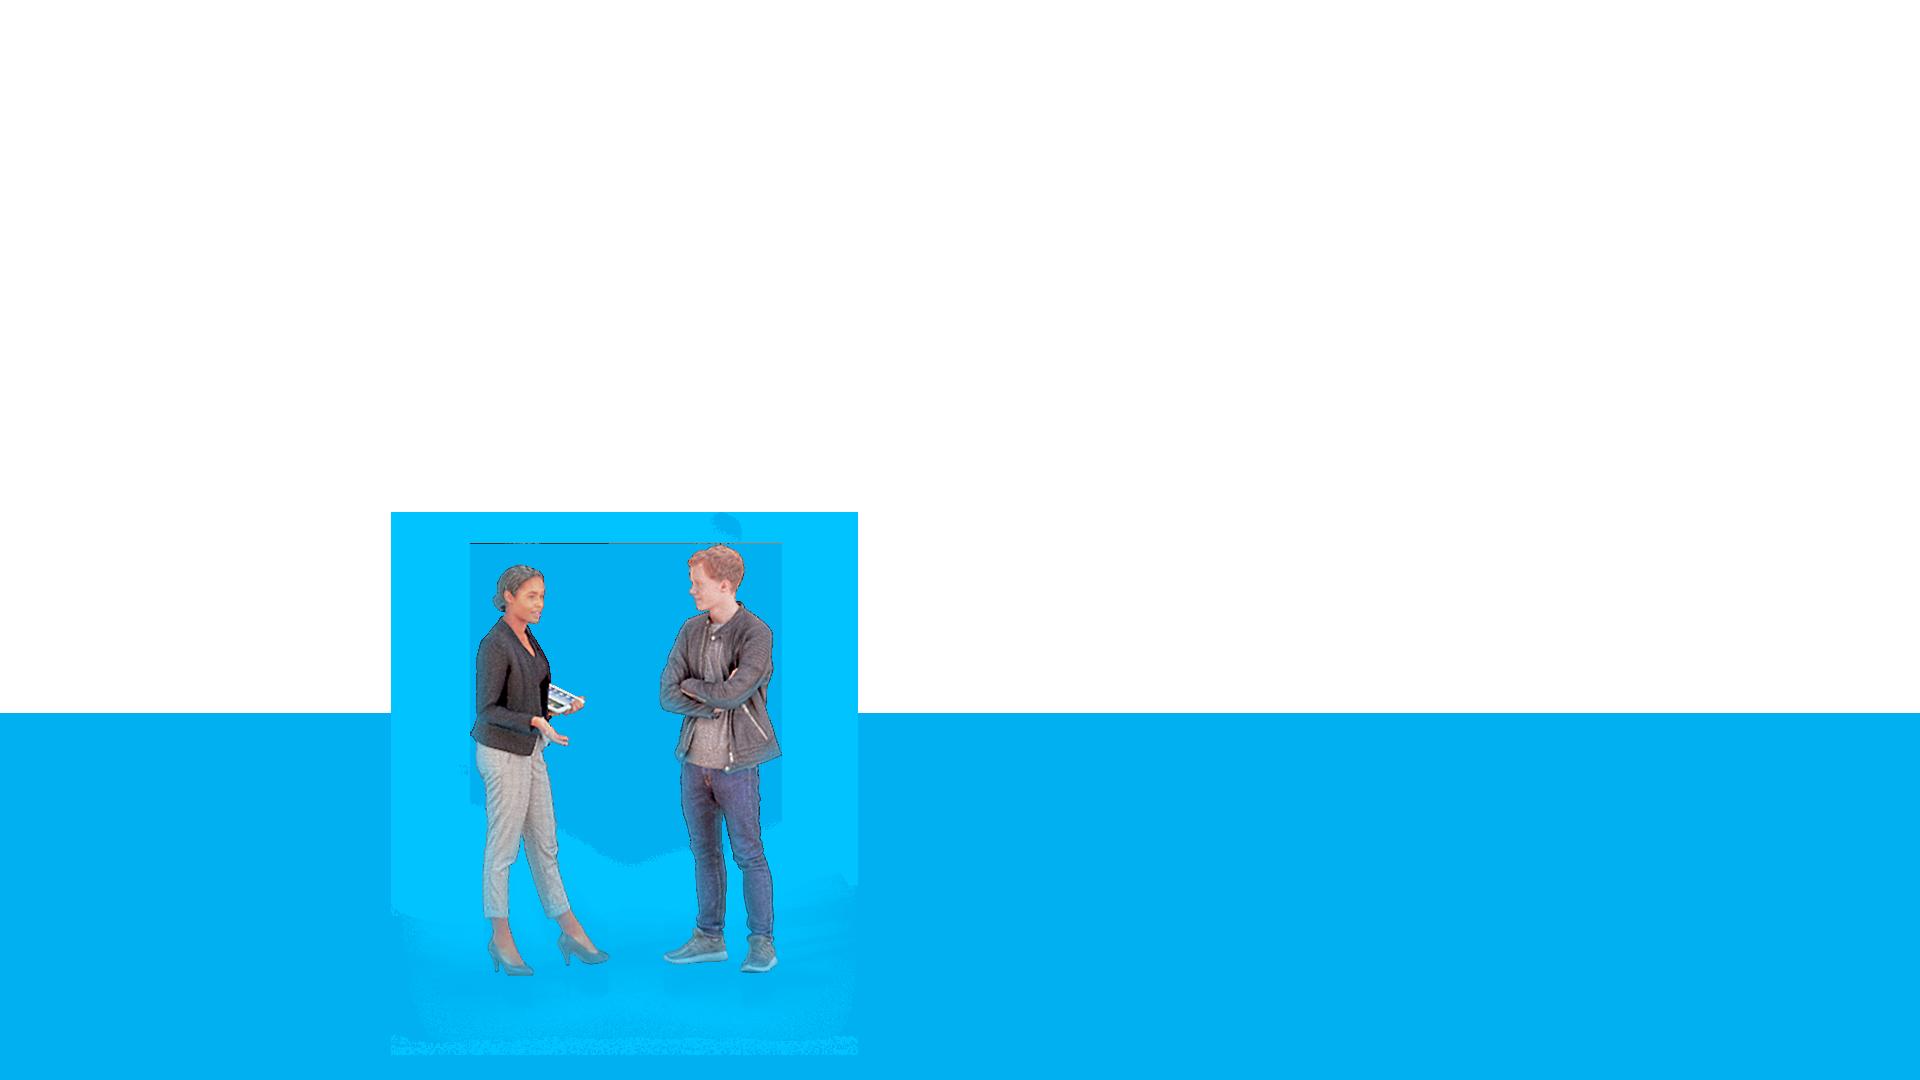 Zwei Personen sprechen miteinander